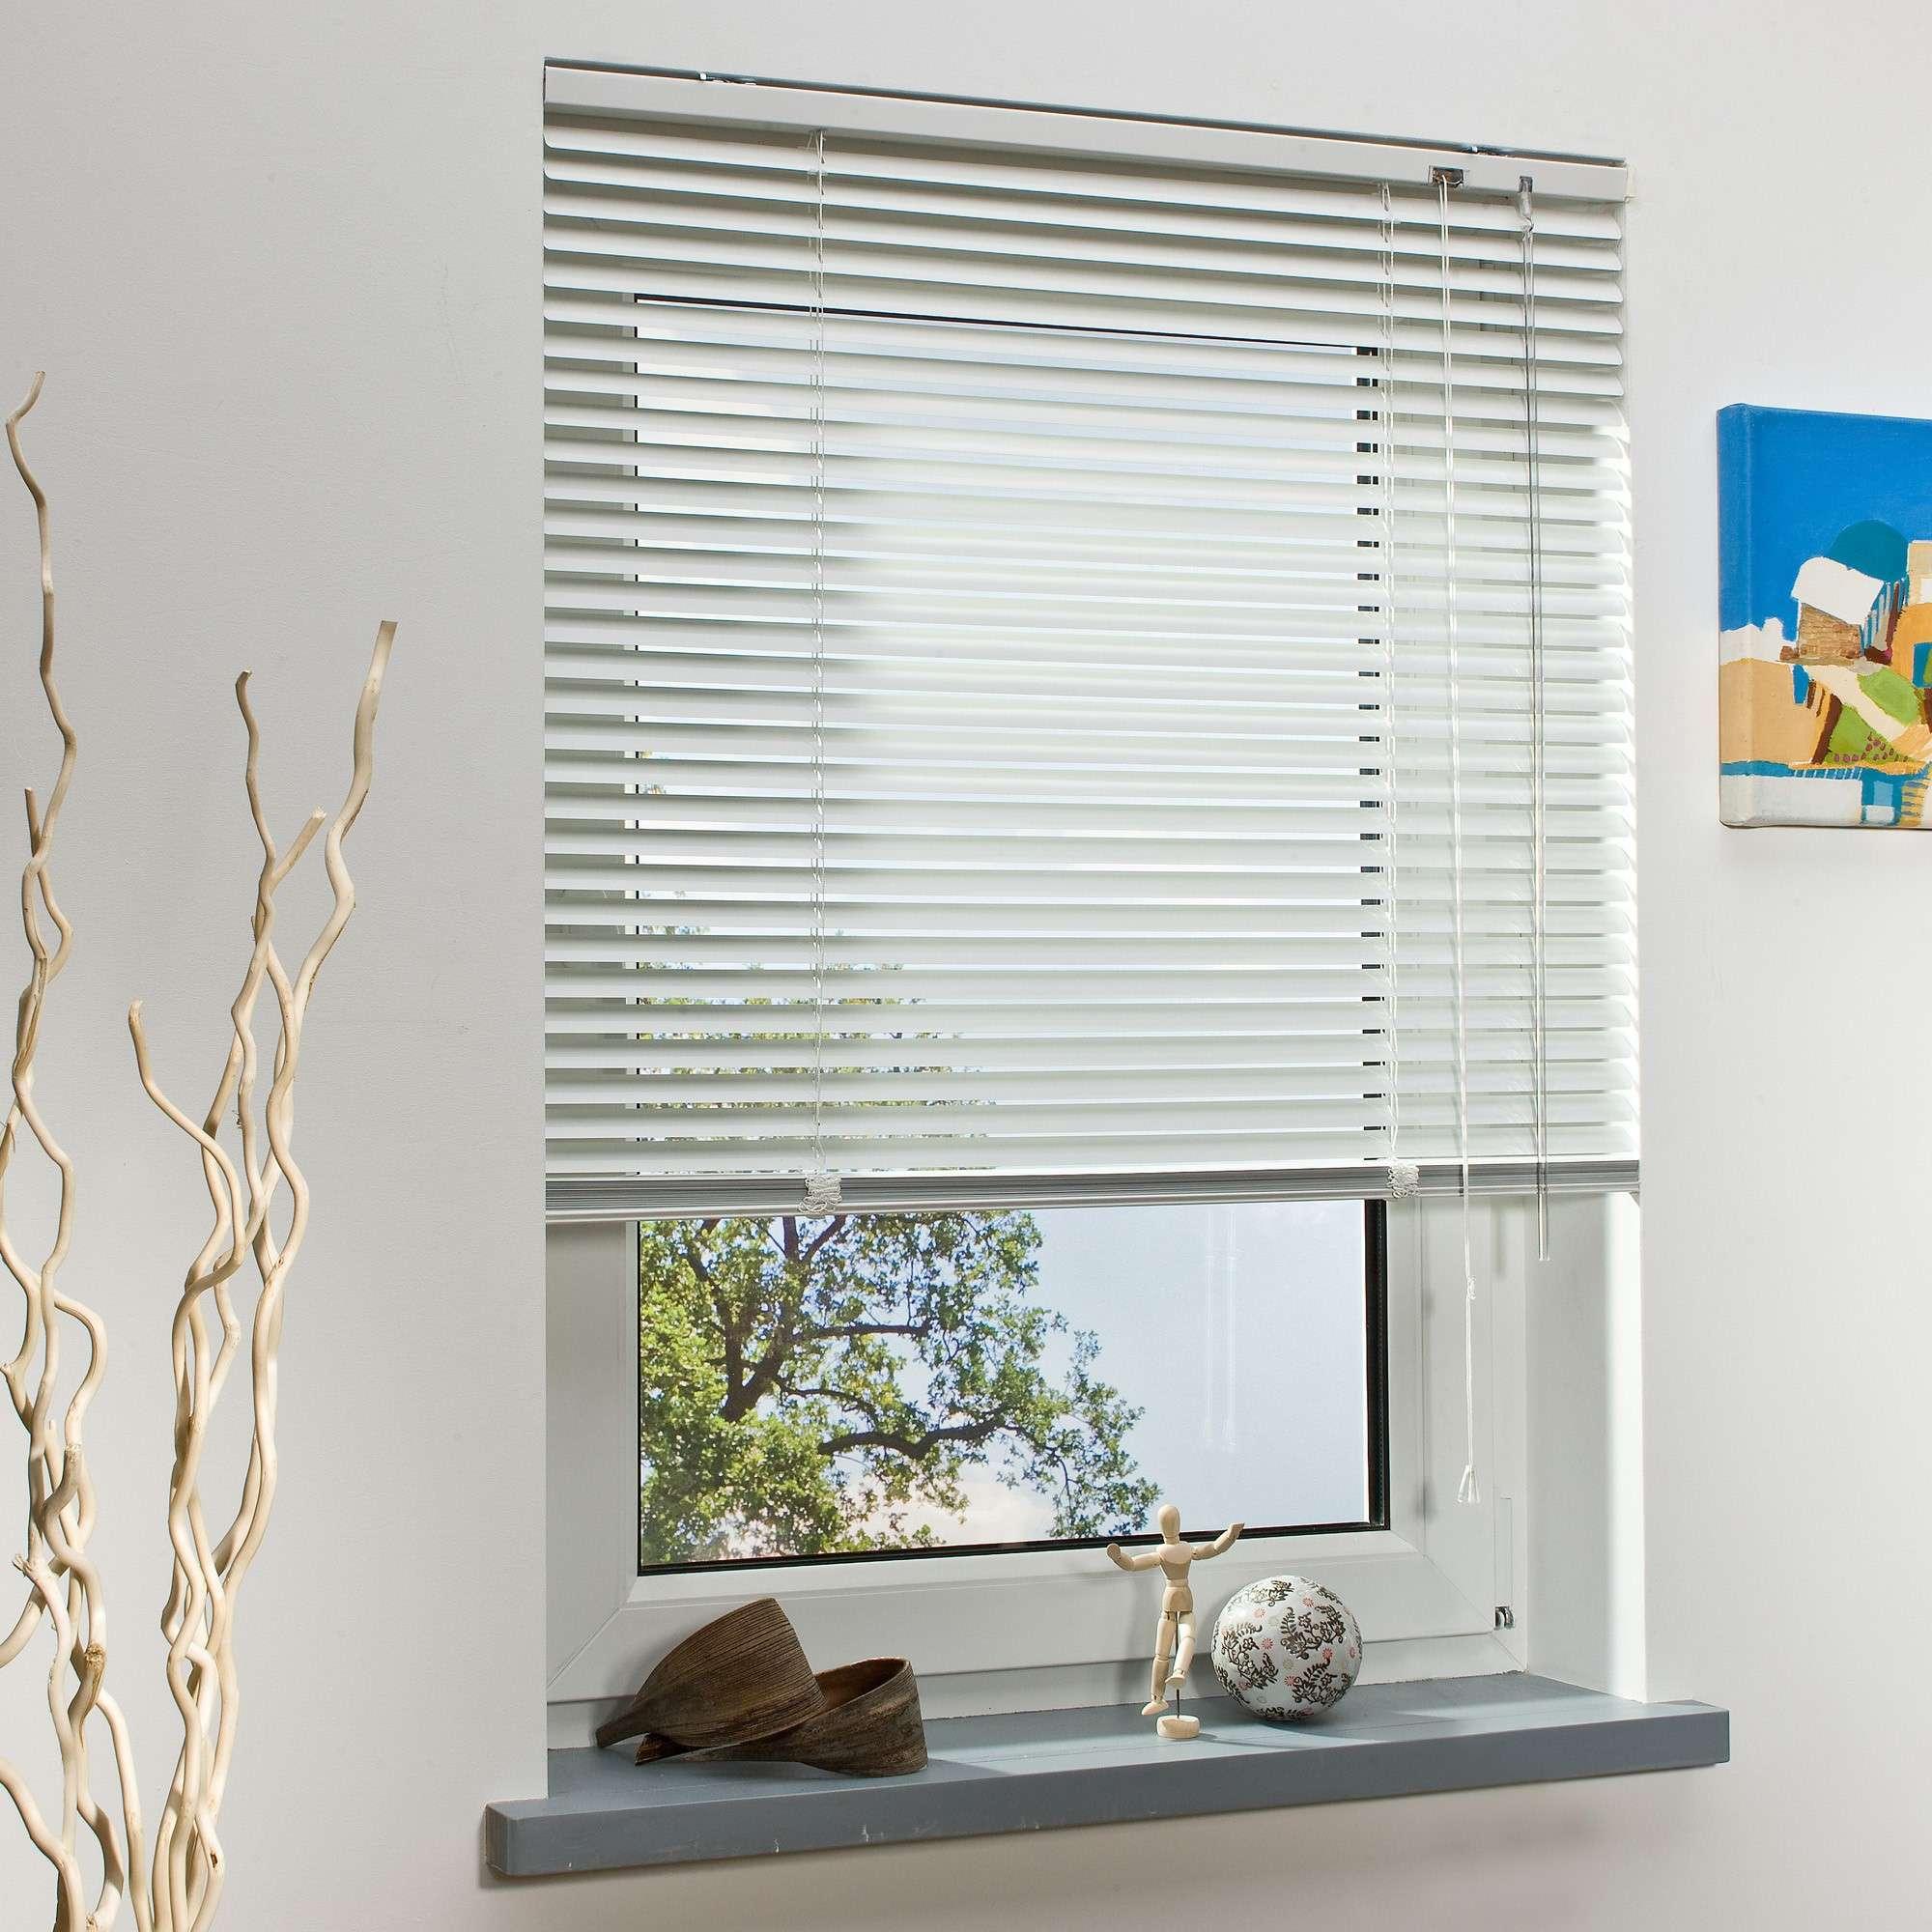 Full Size of Fenster Rollo Bella Casa Aluminium Jalousie Dachschräge Kunststoff Einbruchschutz Sichtschutzfolie Für 120x120 Preisvergleich Holz Alu Sonnenschutz Außen Fenster Fenster Rollo